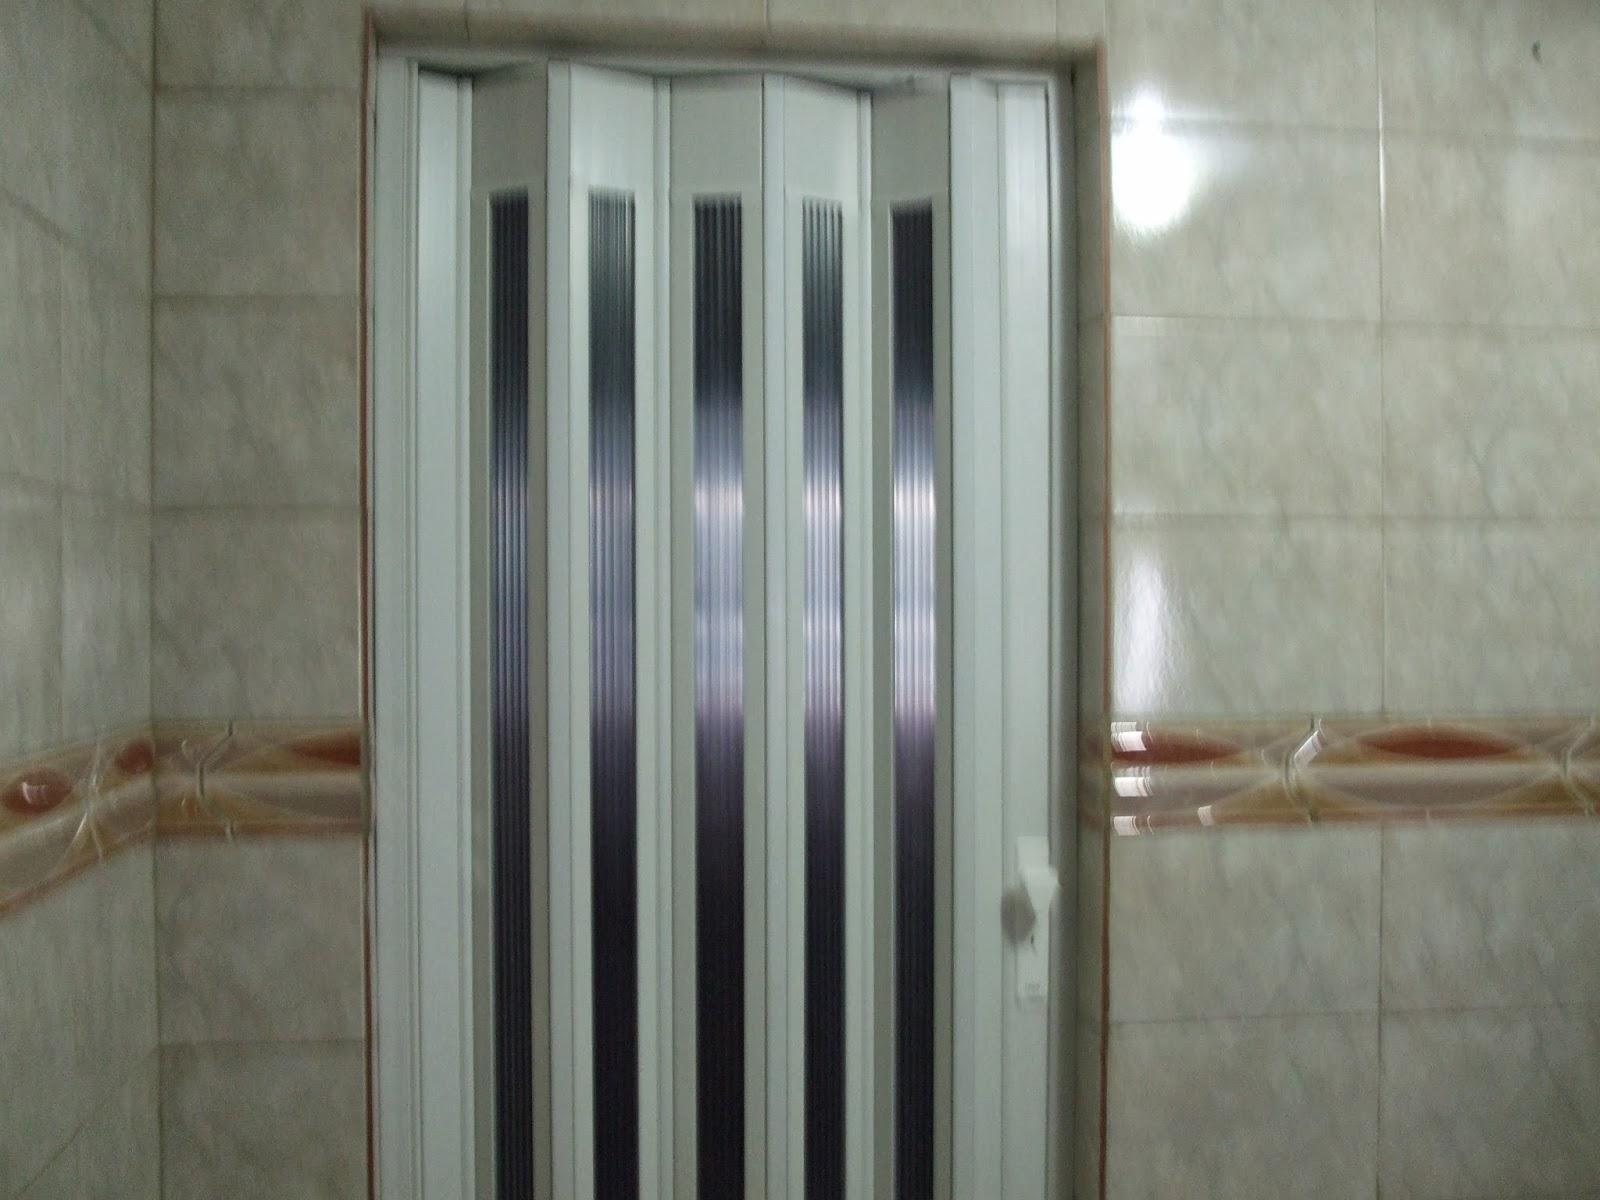 #5C4A38 Portas Sanfonadas Cores Car Interior Design 1084 Portas E Janelas De Aluminio Leroy Merlin